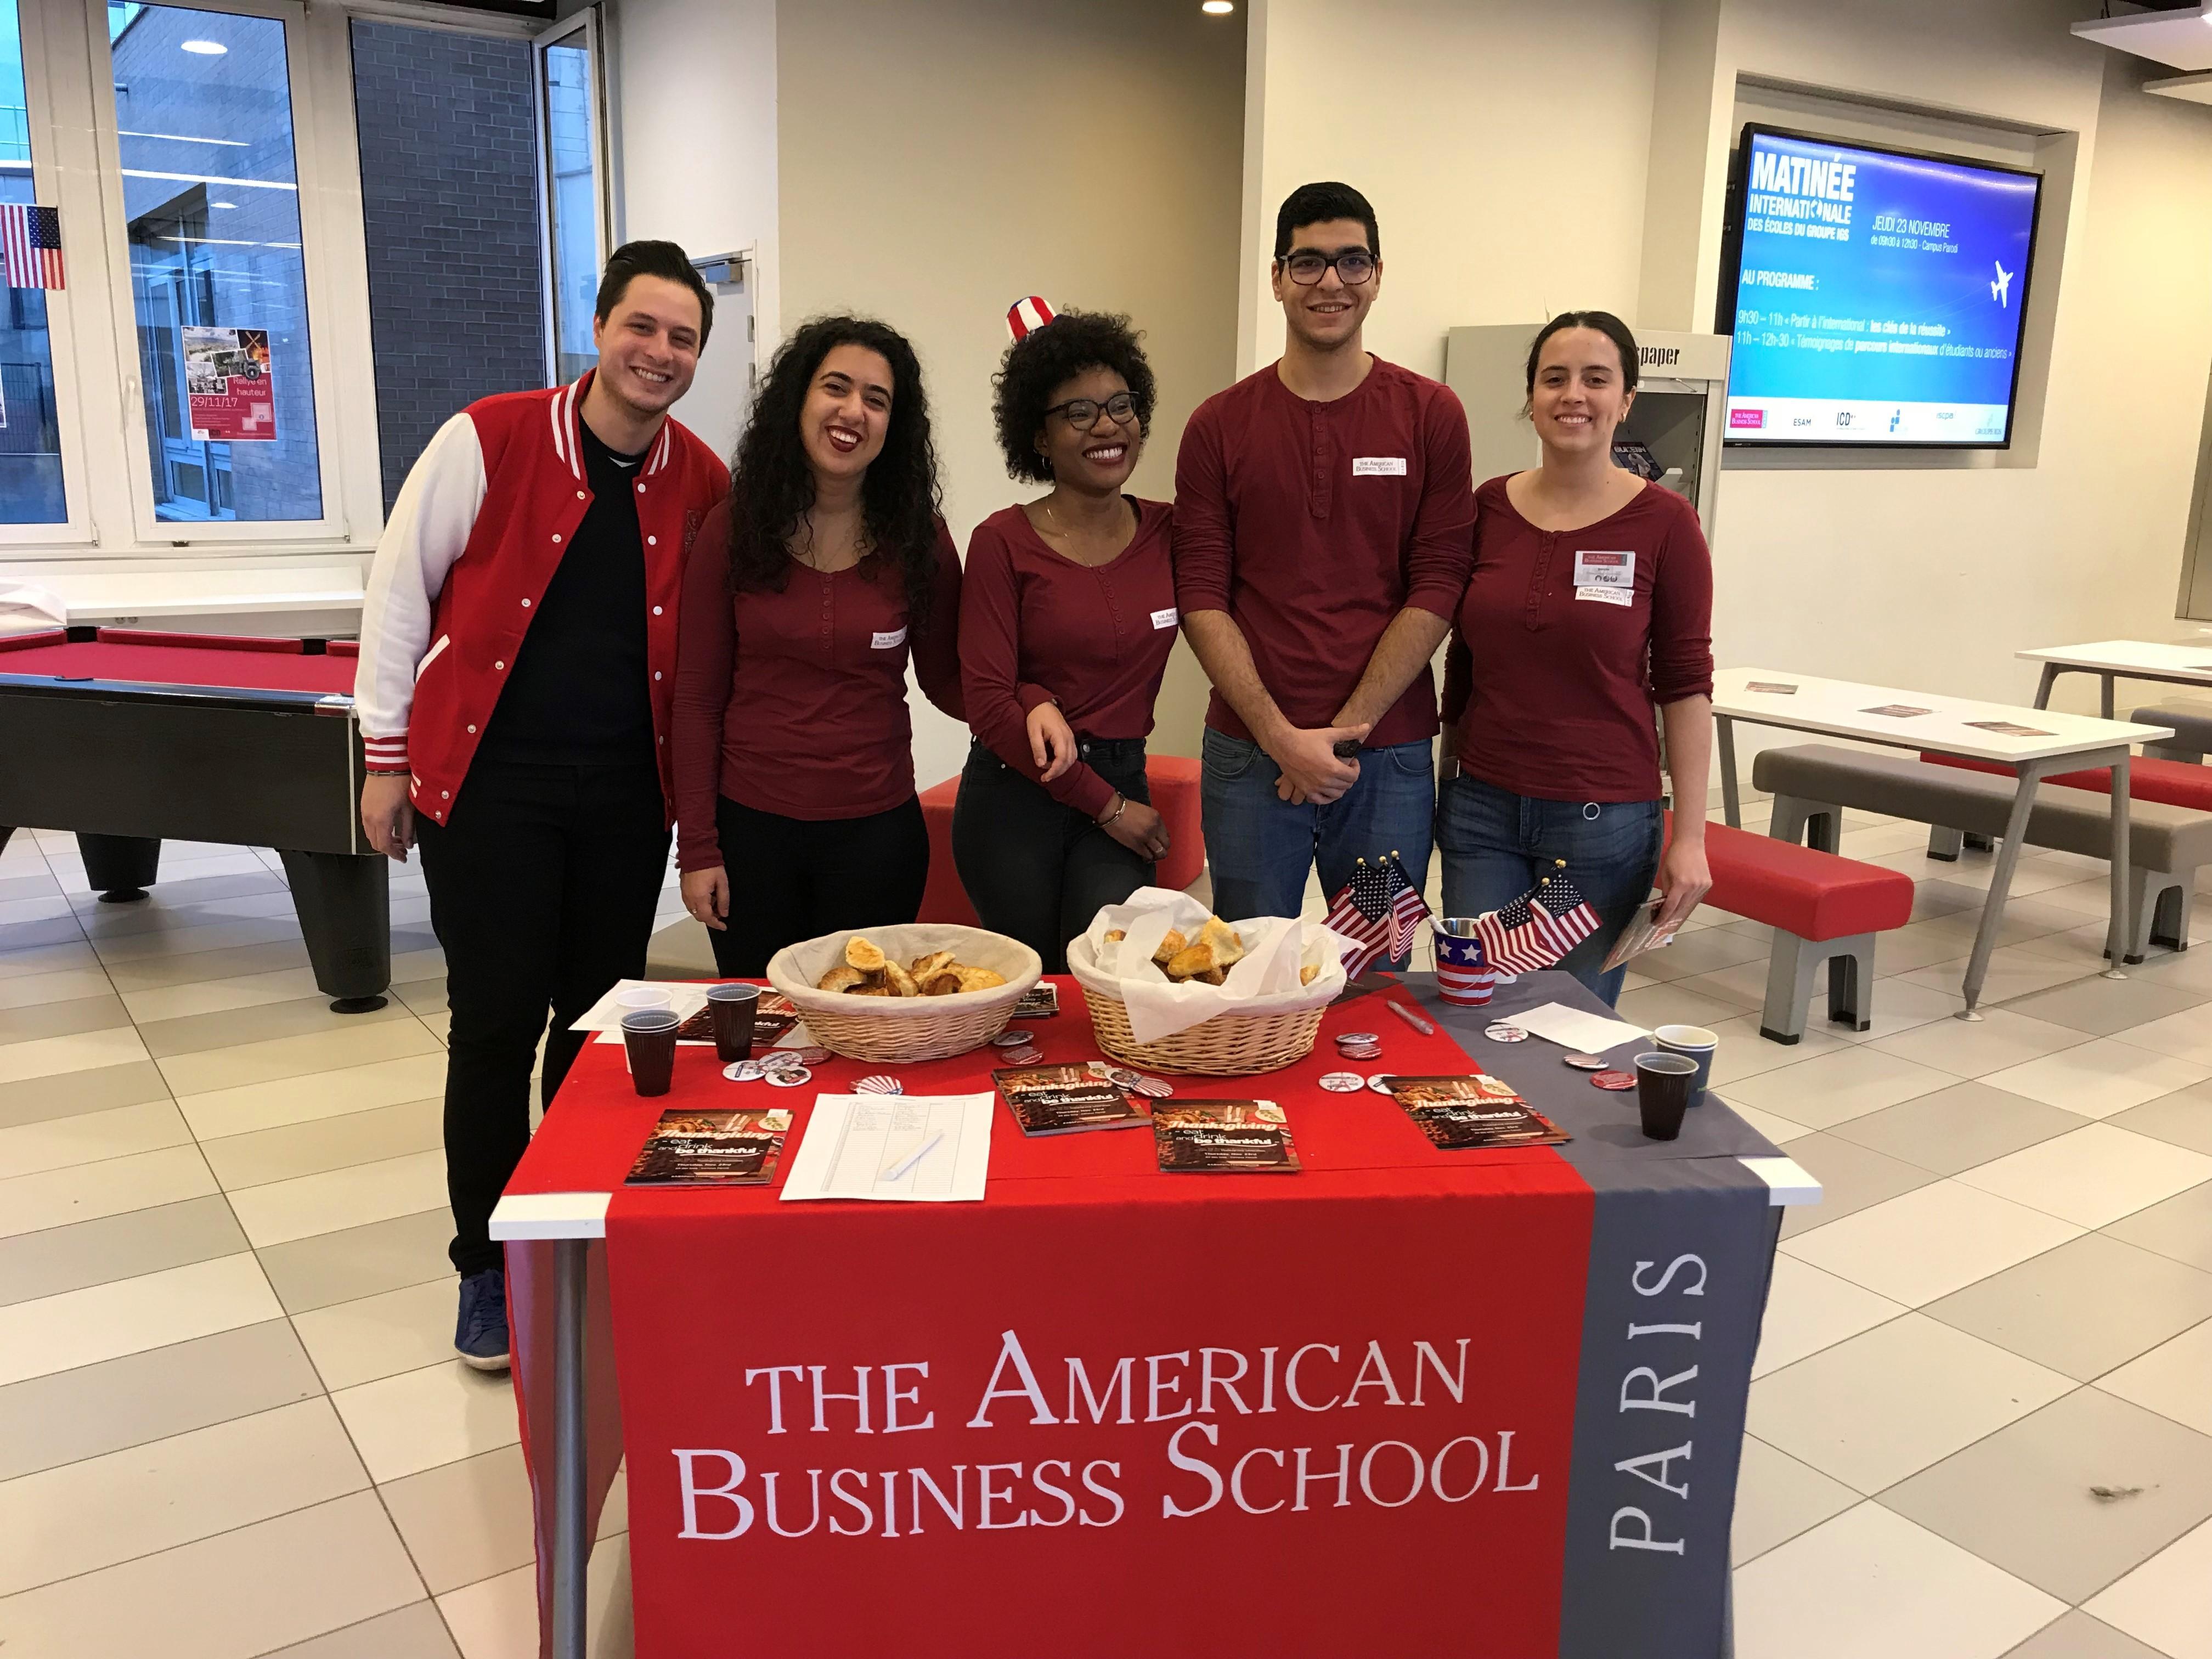 L'American Business School accueille des étudiants de 80 nationalités